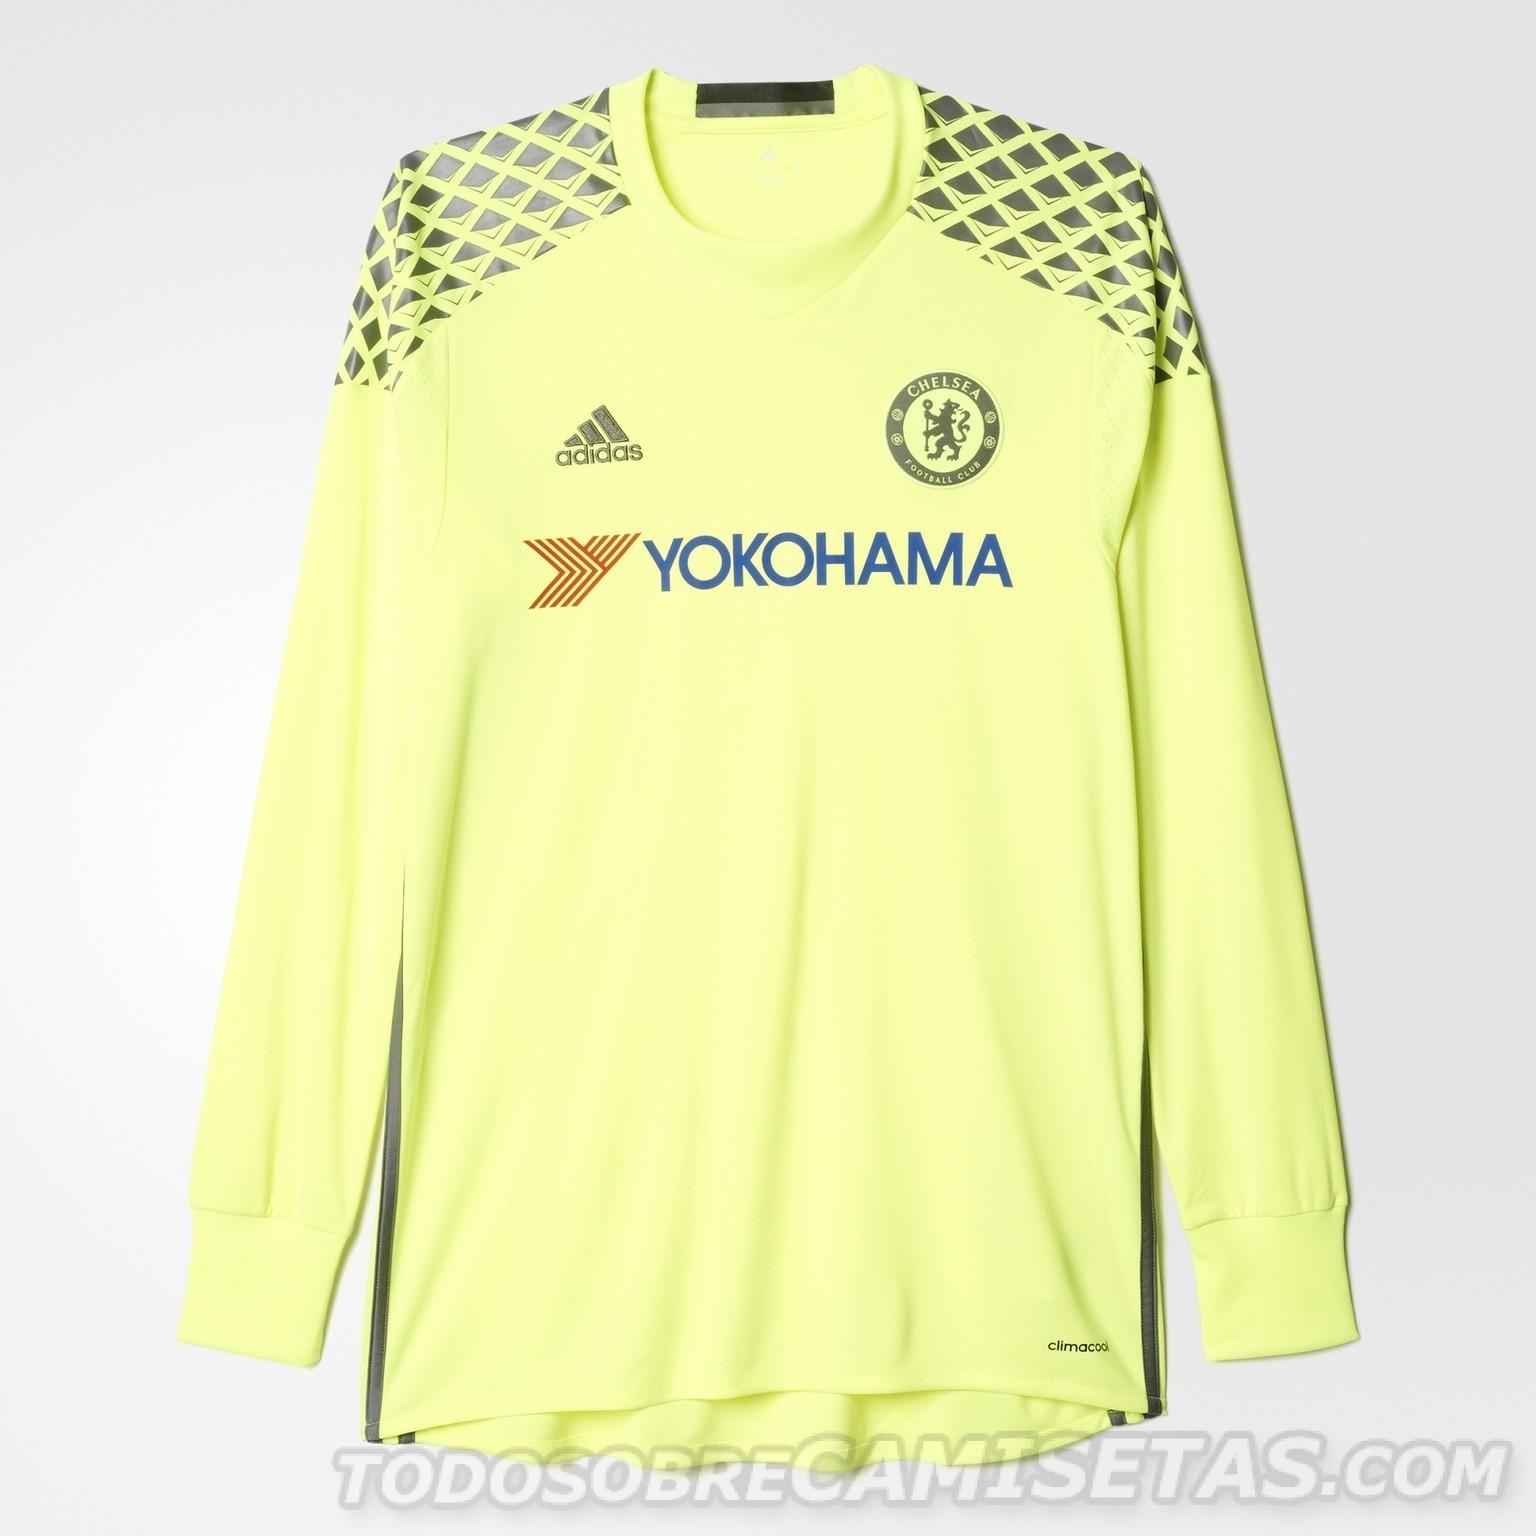 Chelsea-16-17-adidas-new-GK-kit-1.jpg